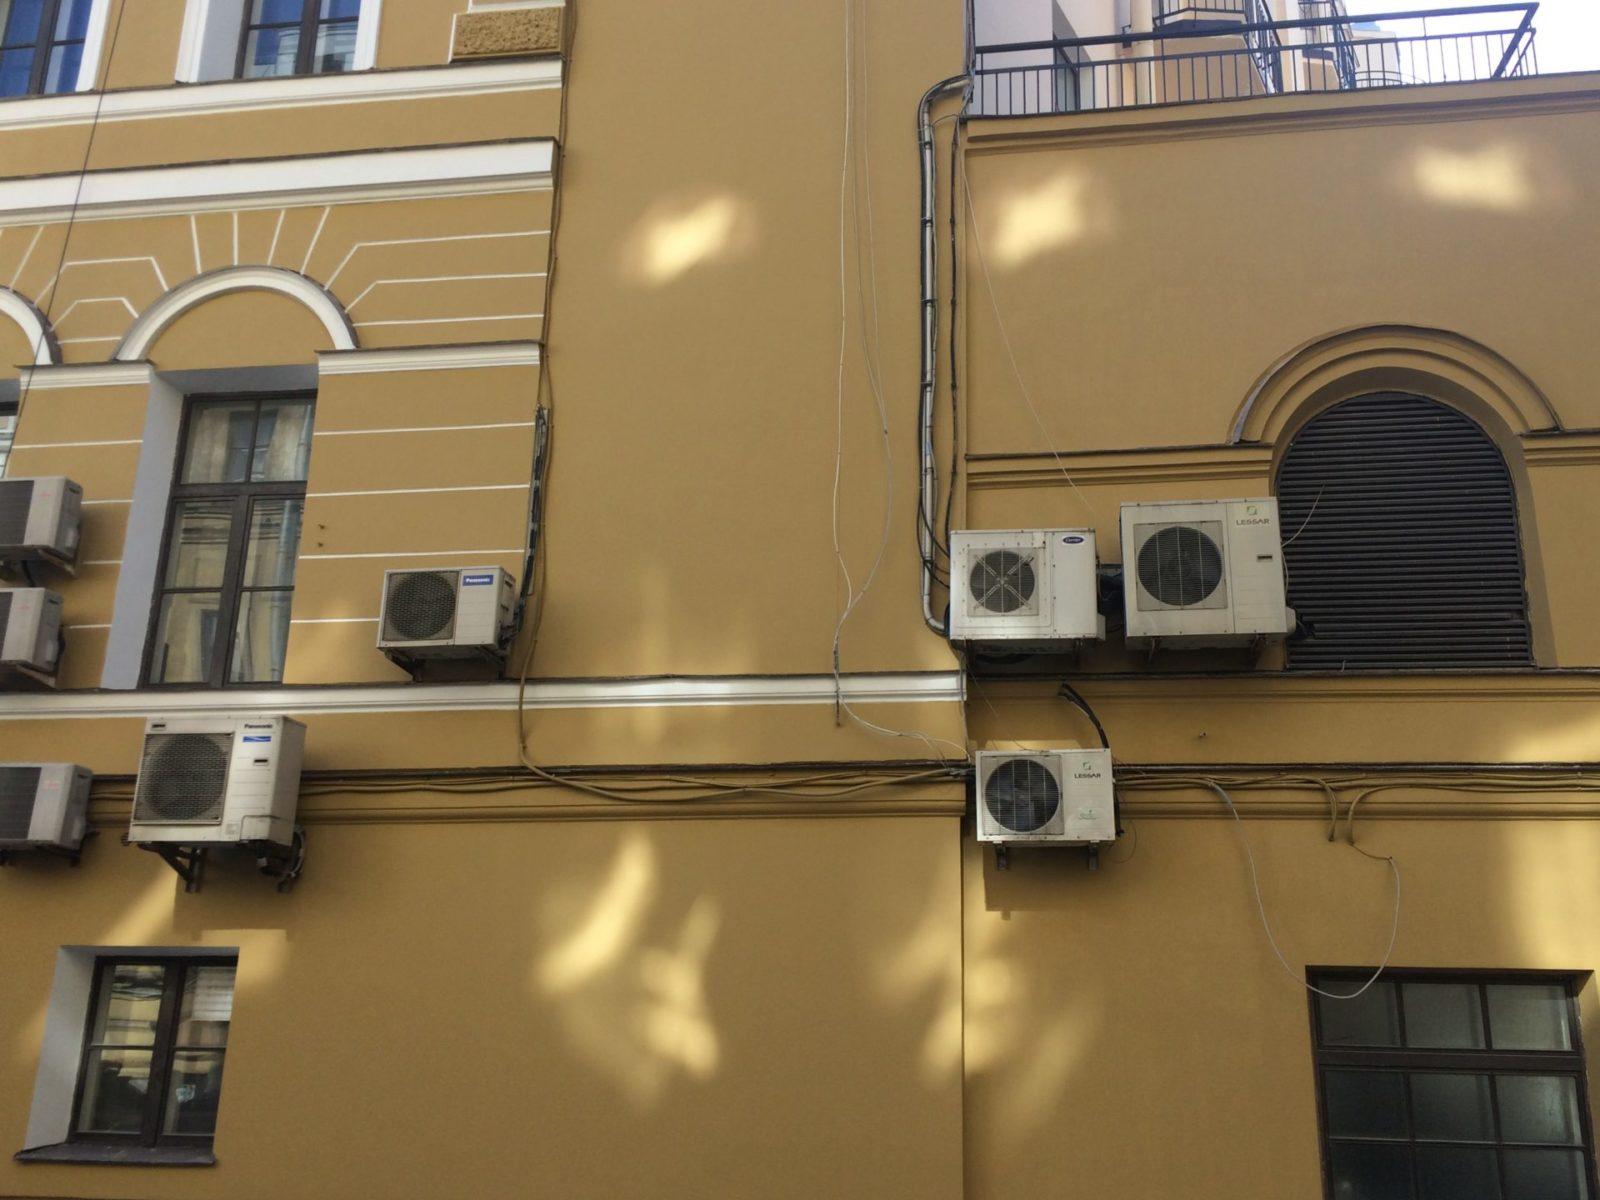 выполнен косметический ремонт части фасада здания Консульства Нидерландов в Петербурге